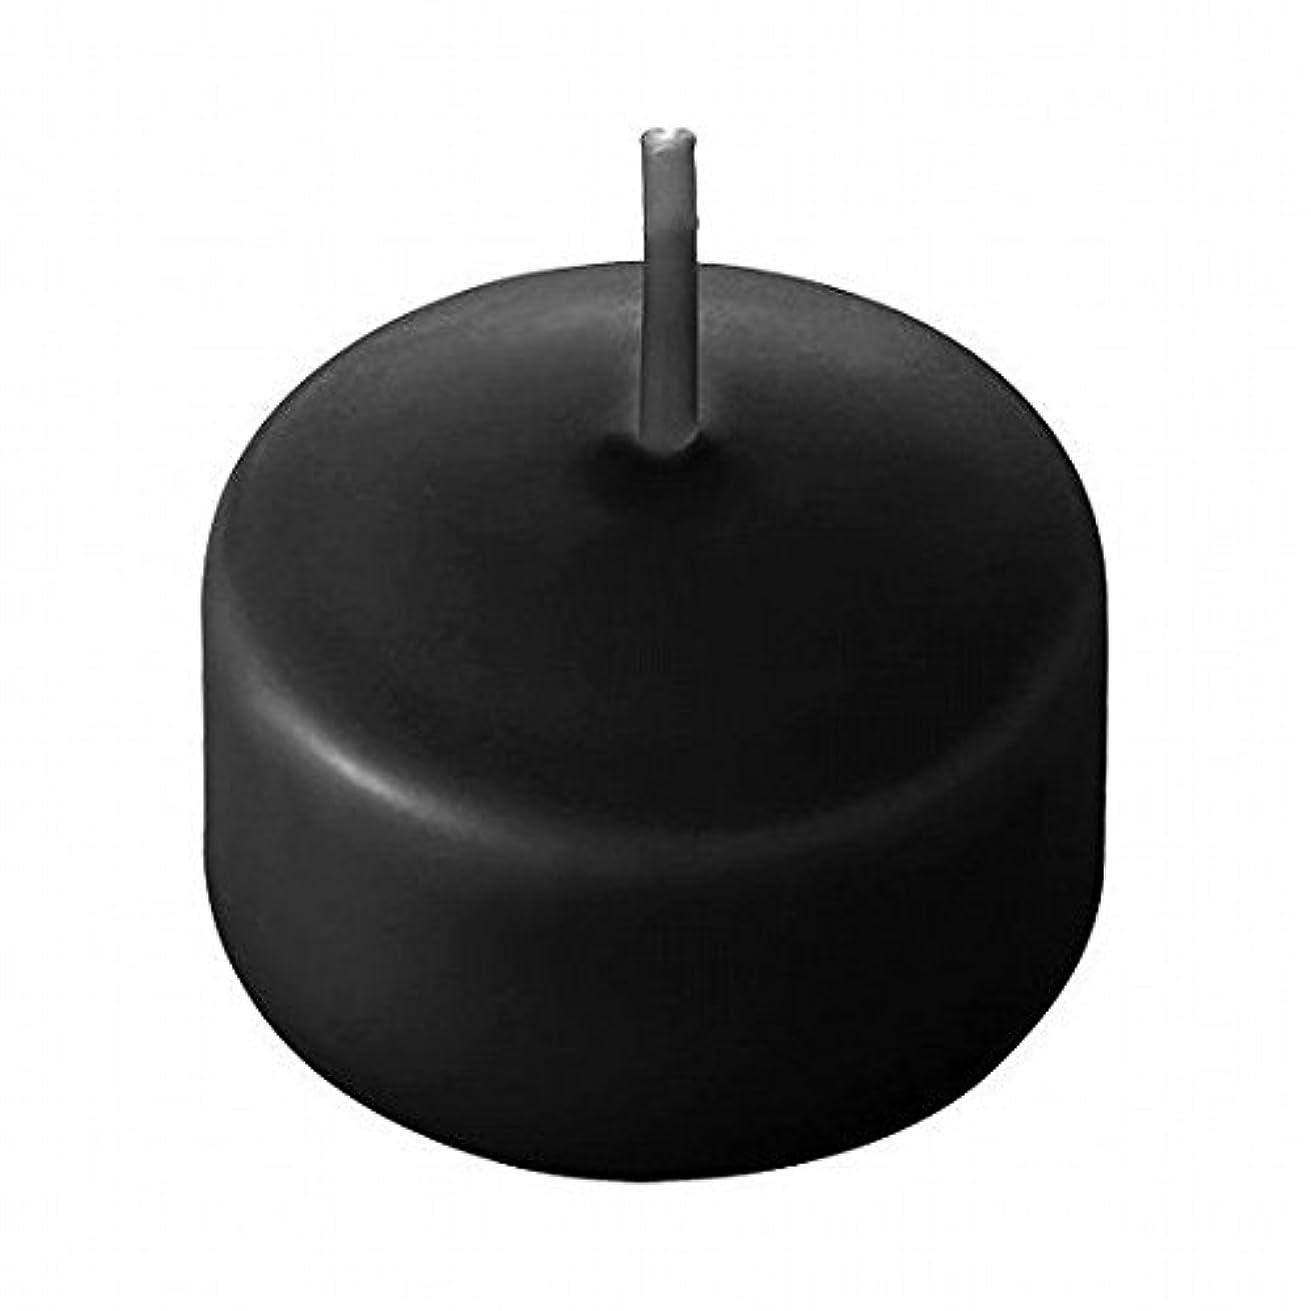 軽減魅惑的なハードリングkameyama candle(カメヤマキャンドル) キャンドル ハッピープール(カラーアトリエ) 「 ブラック 」 24個入り キャンドル (72800000BK)